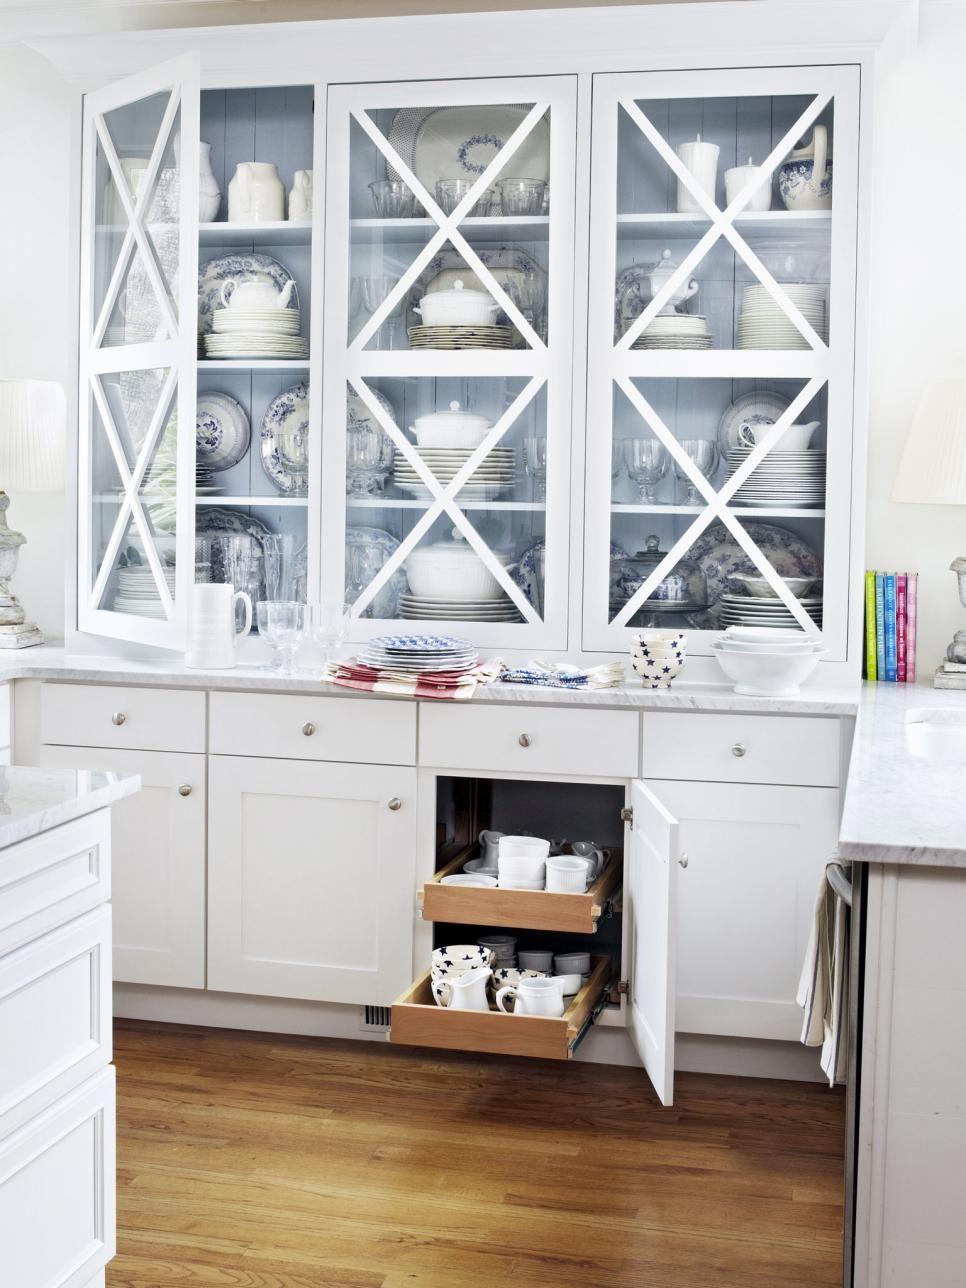 Linda Woodrum\'s Kitchen | Hgtv magazine, Hgtv and Kitchens